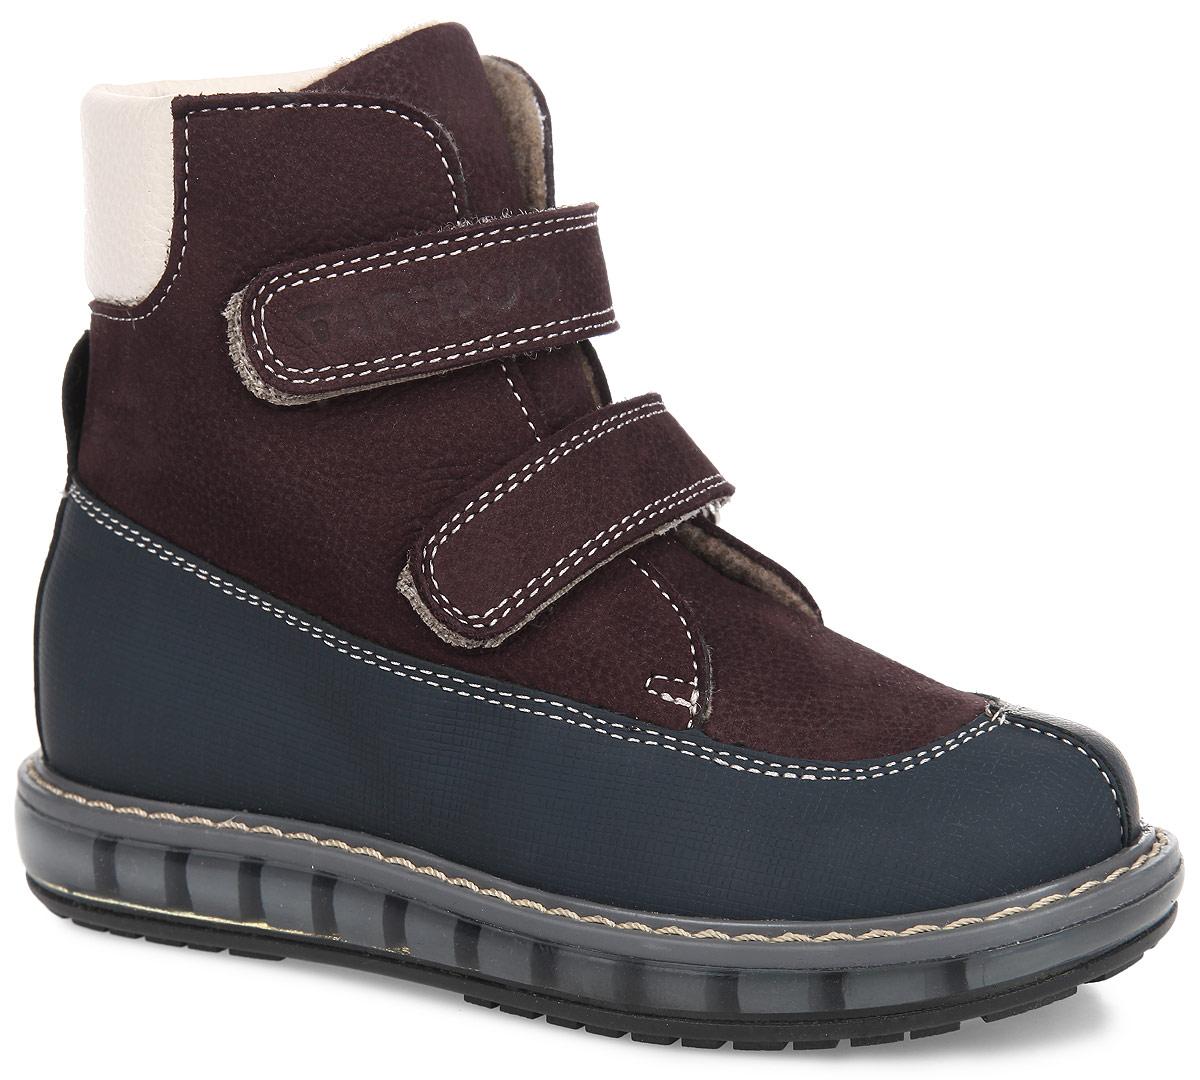 Ботинки детские. FT001.15-OL06O.01